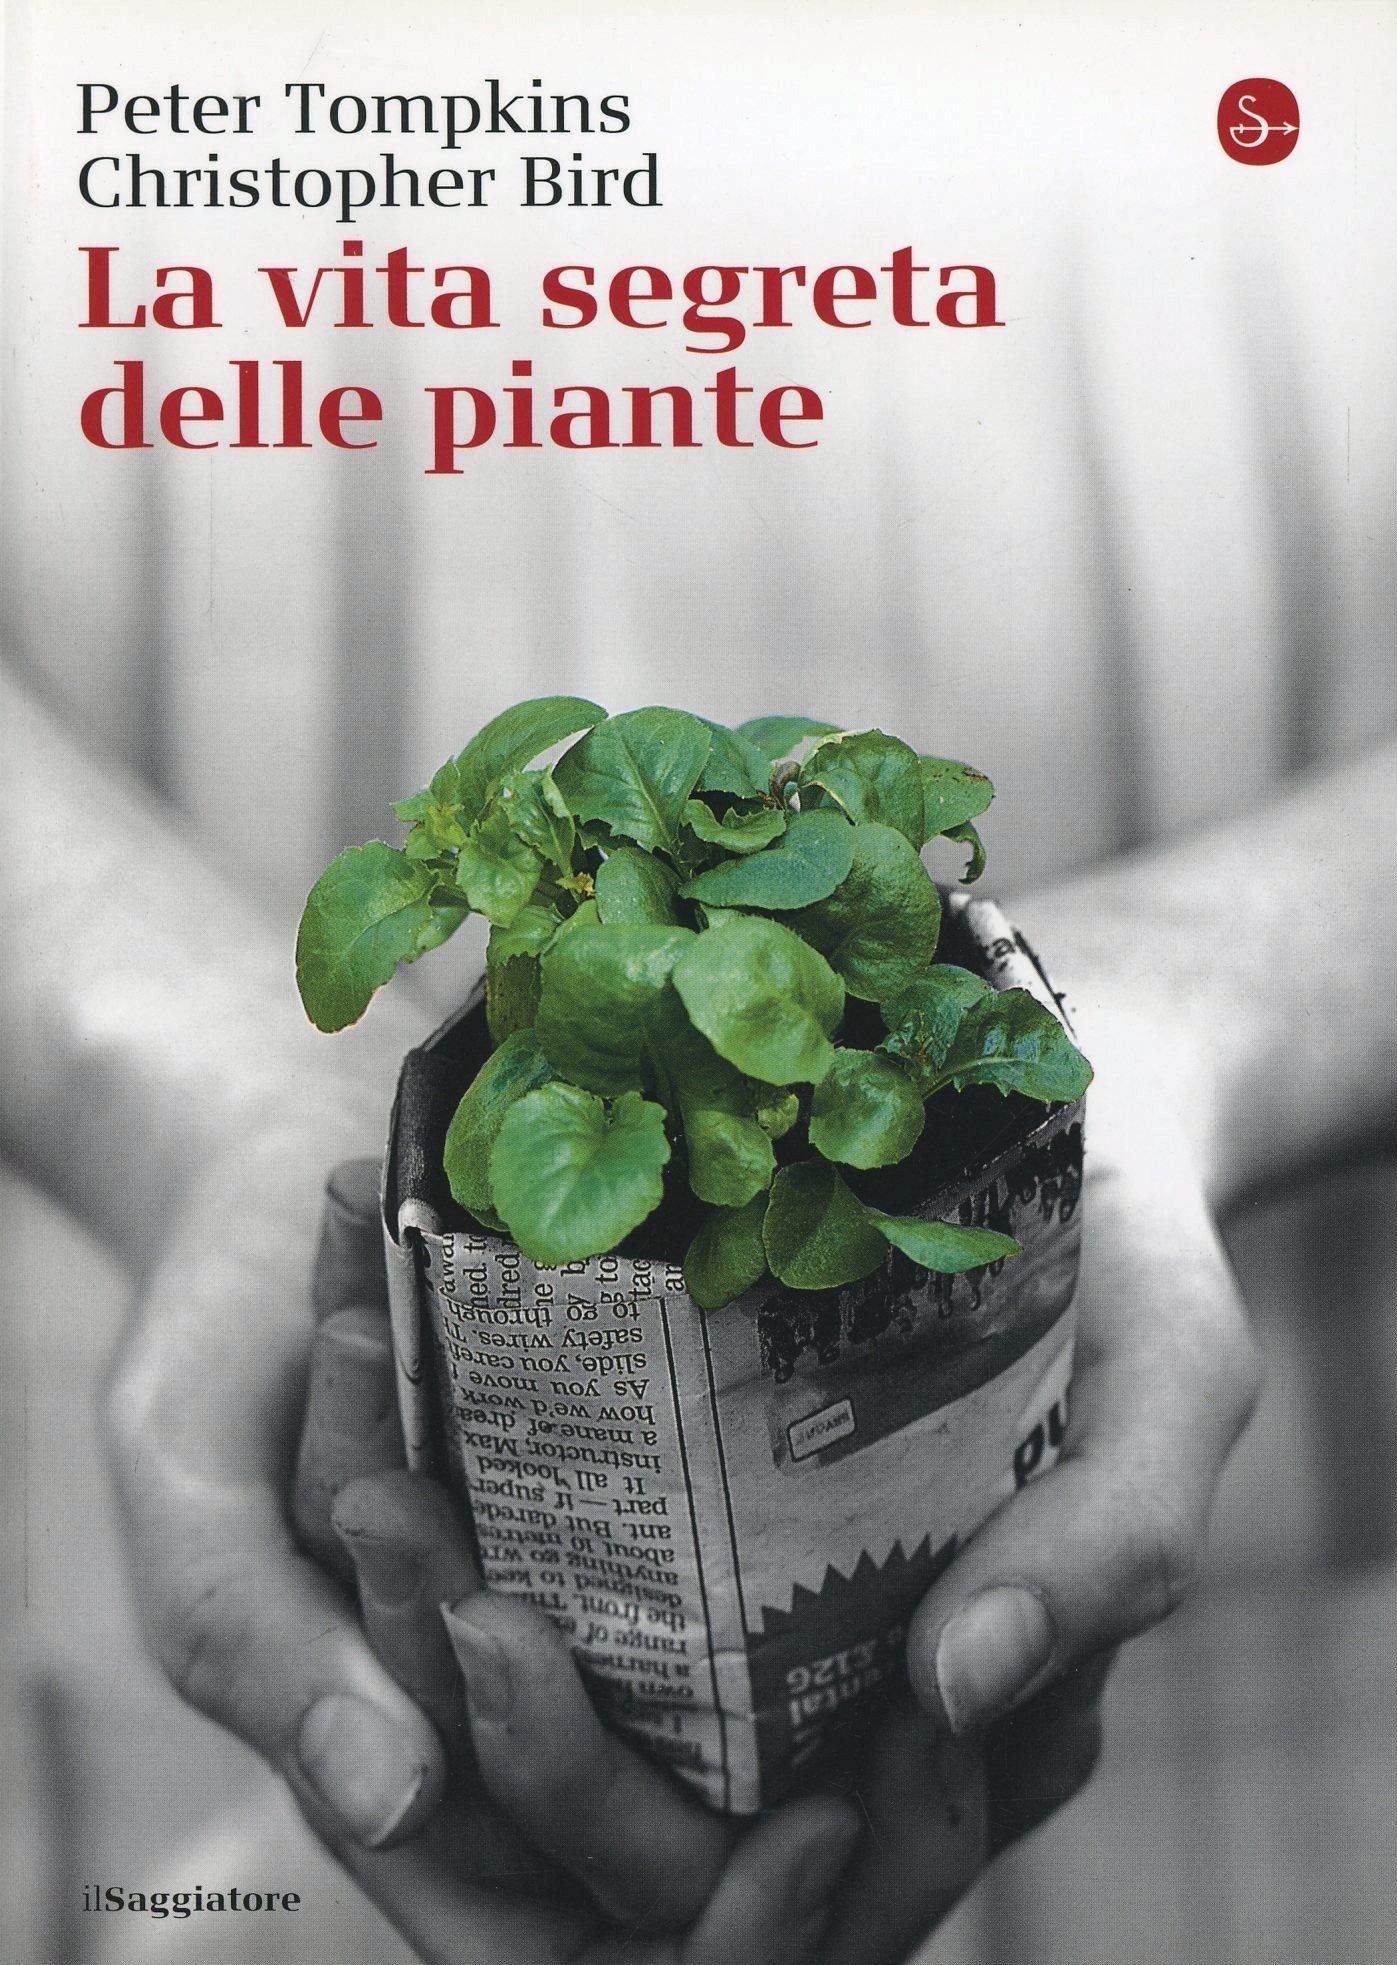 Peter Tompkins Christopher Bird La vita segreta delle piante